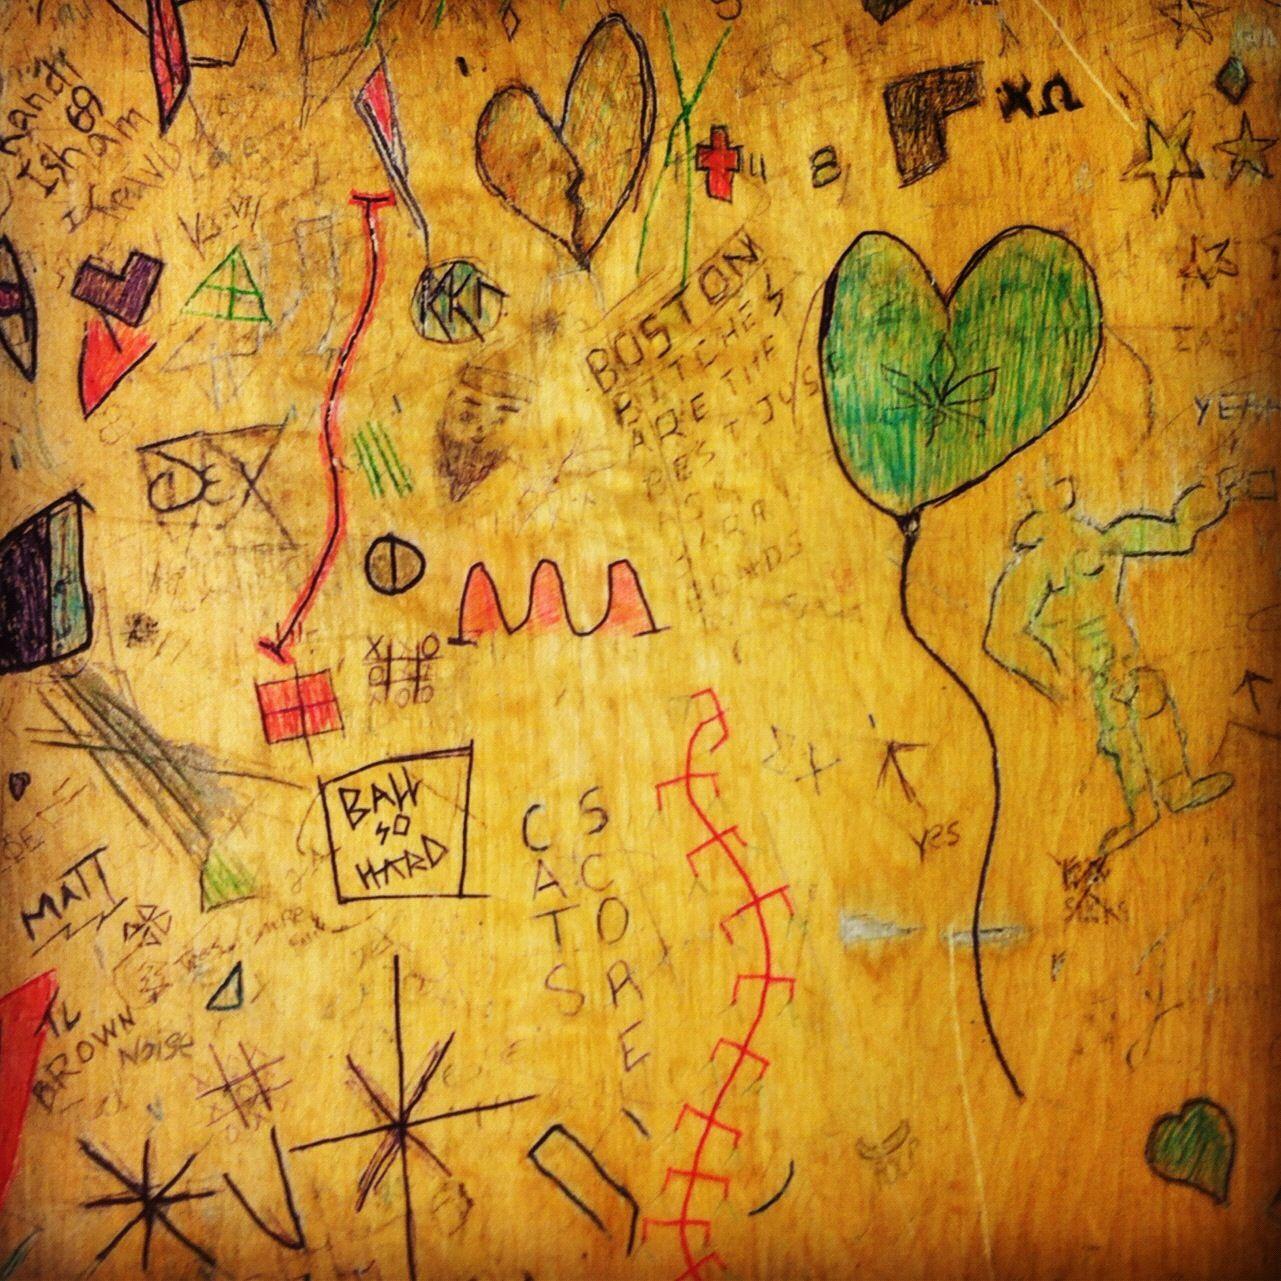 School desk graffiti. | school desk graffiti | School desks ...